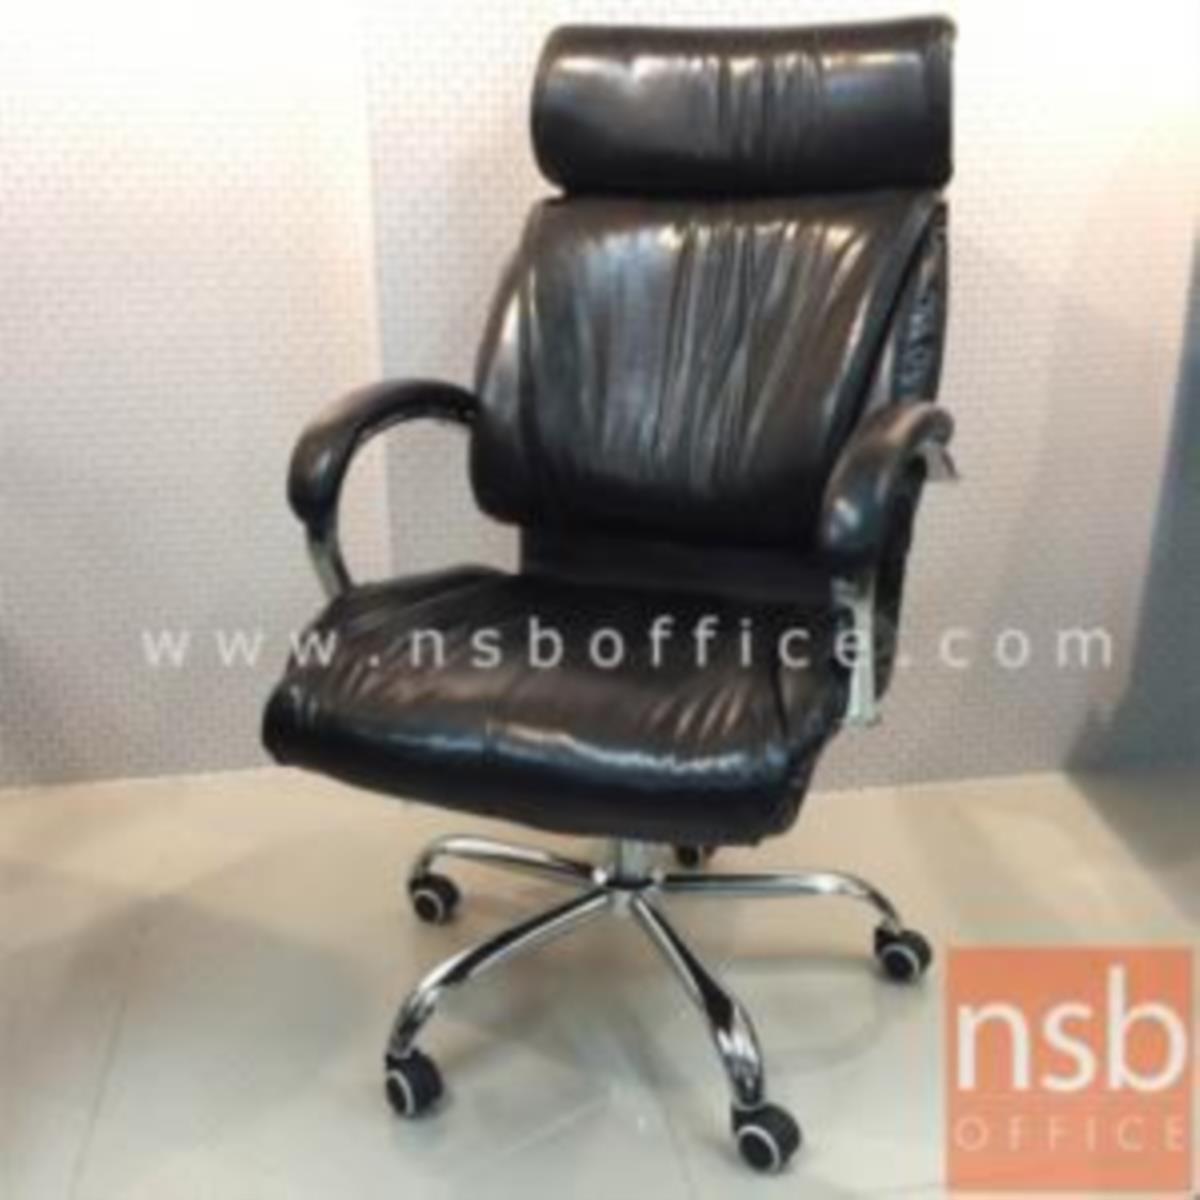 เก้าอี้ผู้บริหาร รุ่น Aguilera (อากีเอเลรา)  โช๊คแก๊ส มีก้อนโยก ขาเหล็กชุบโครเมี่ยม